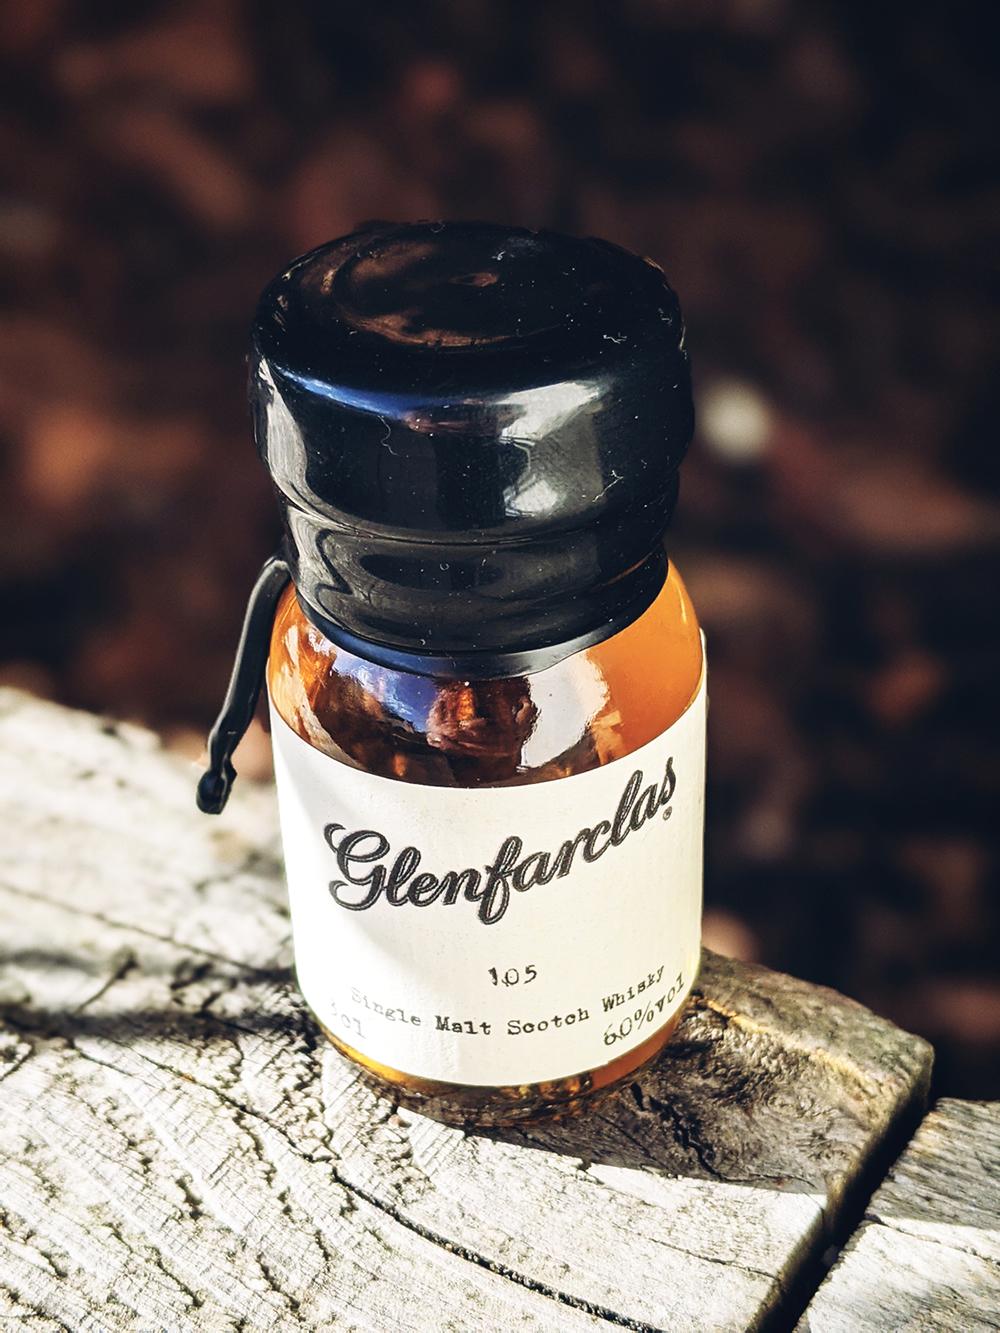 Glenfarclas 105 Whisky Review - Jeff Whisky